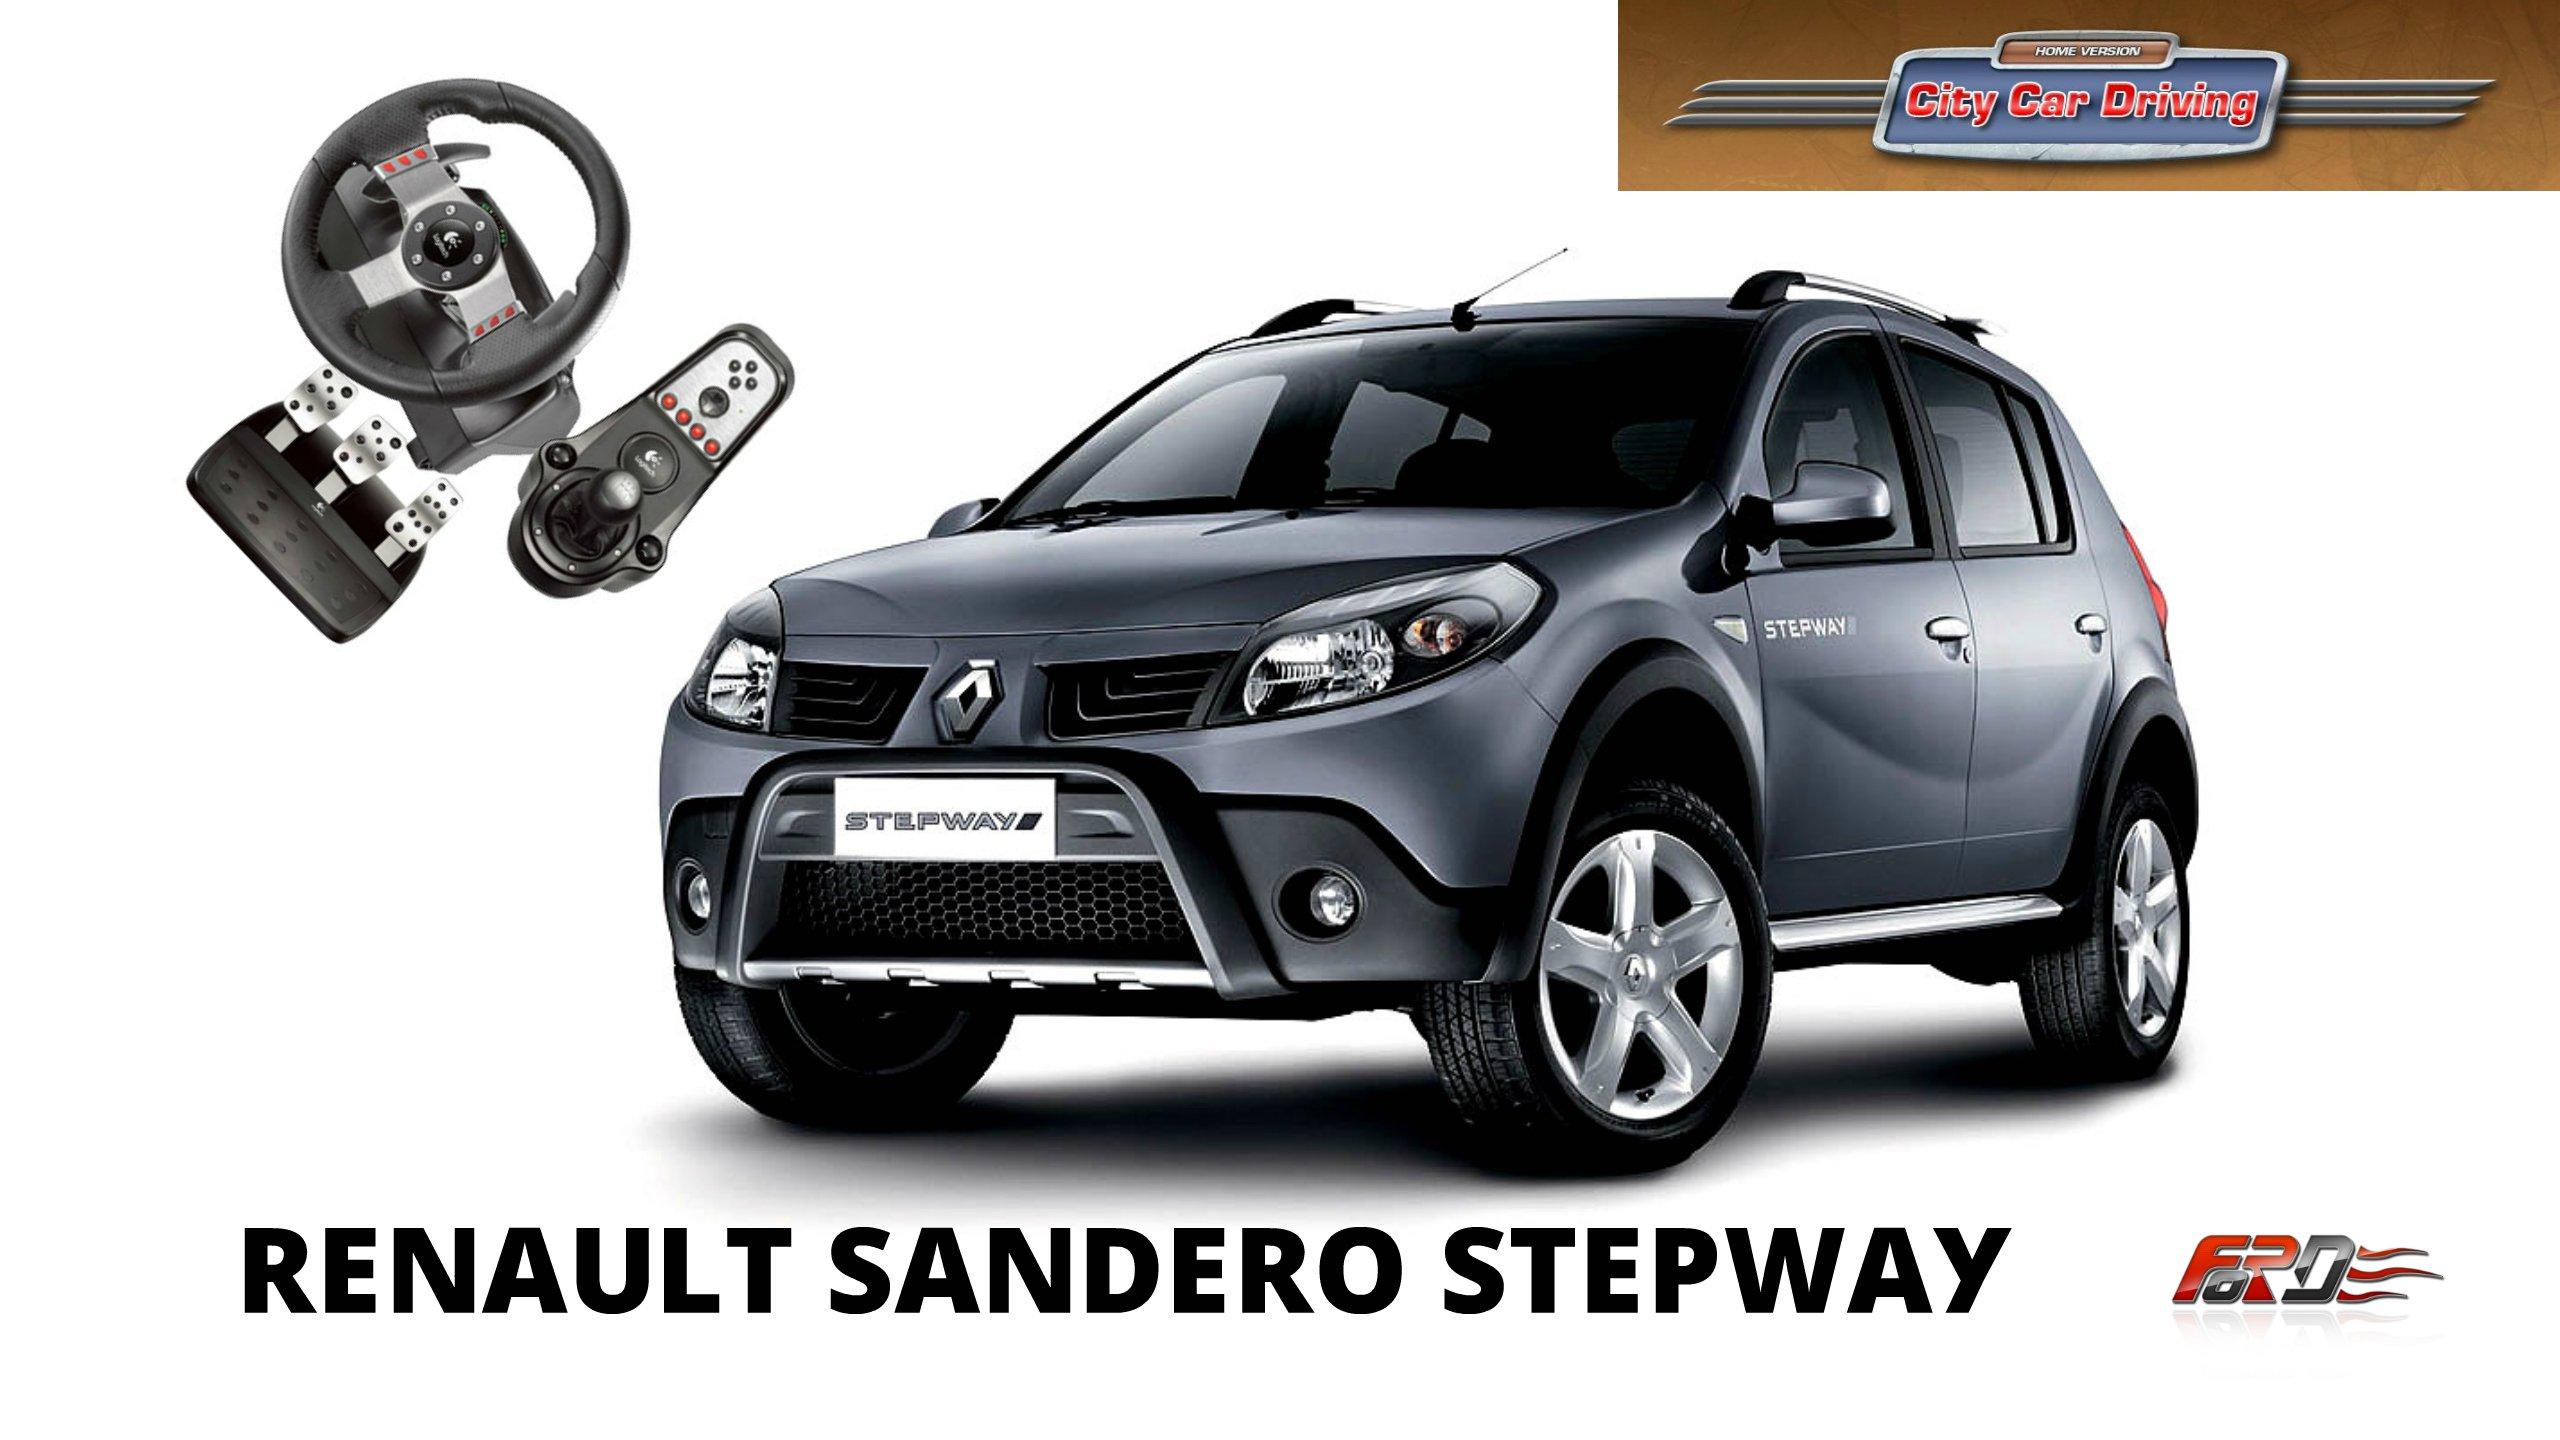 Renault Sandero Stepway - тест-драйв, обзор автомобиль для бедных в City Car Driving  - Изображение 1